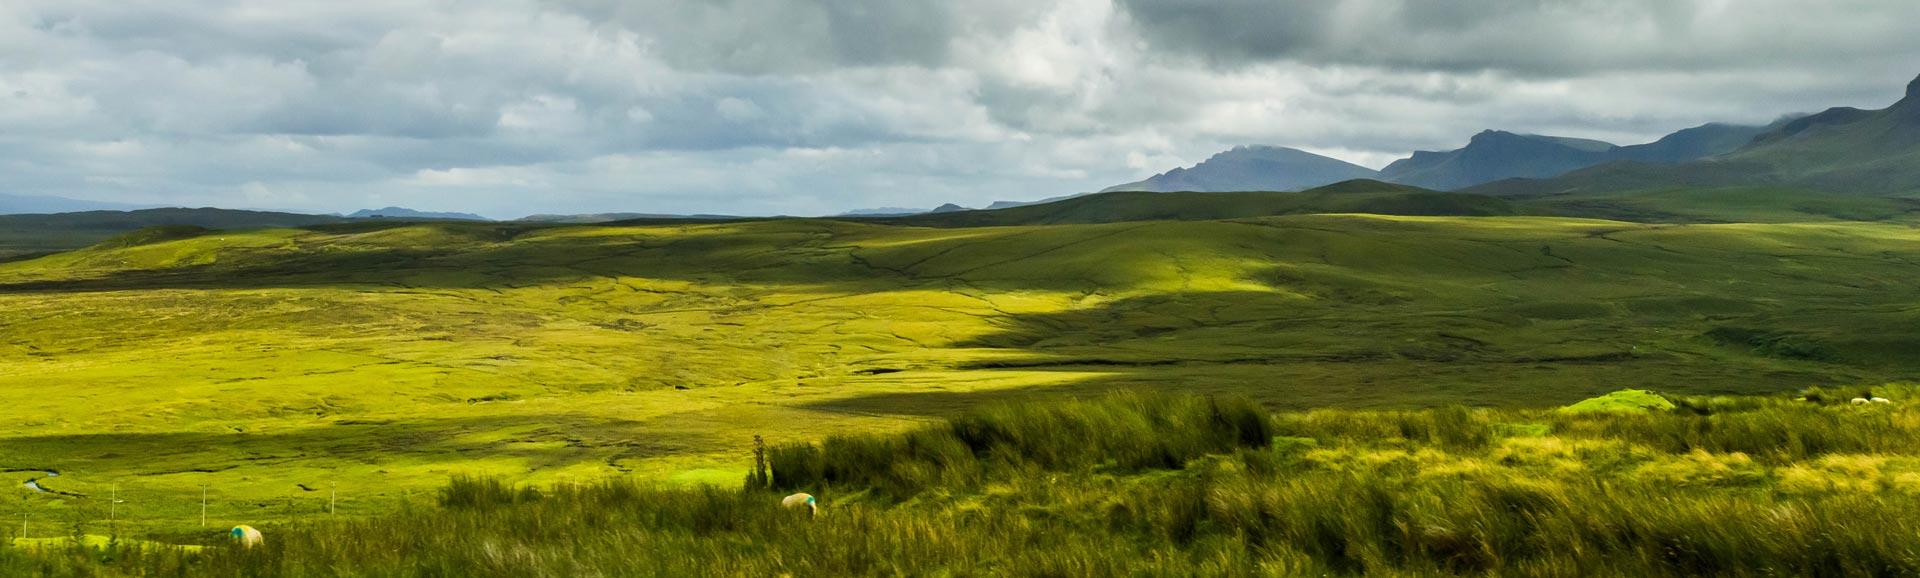 Panorama der Lowlands, Schottland.